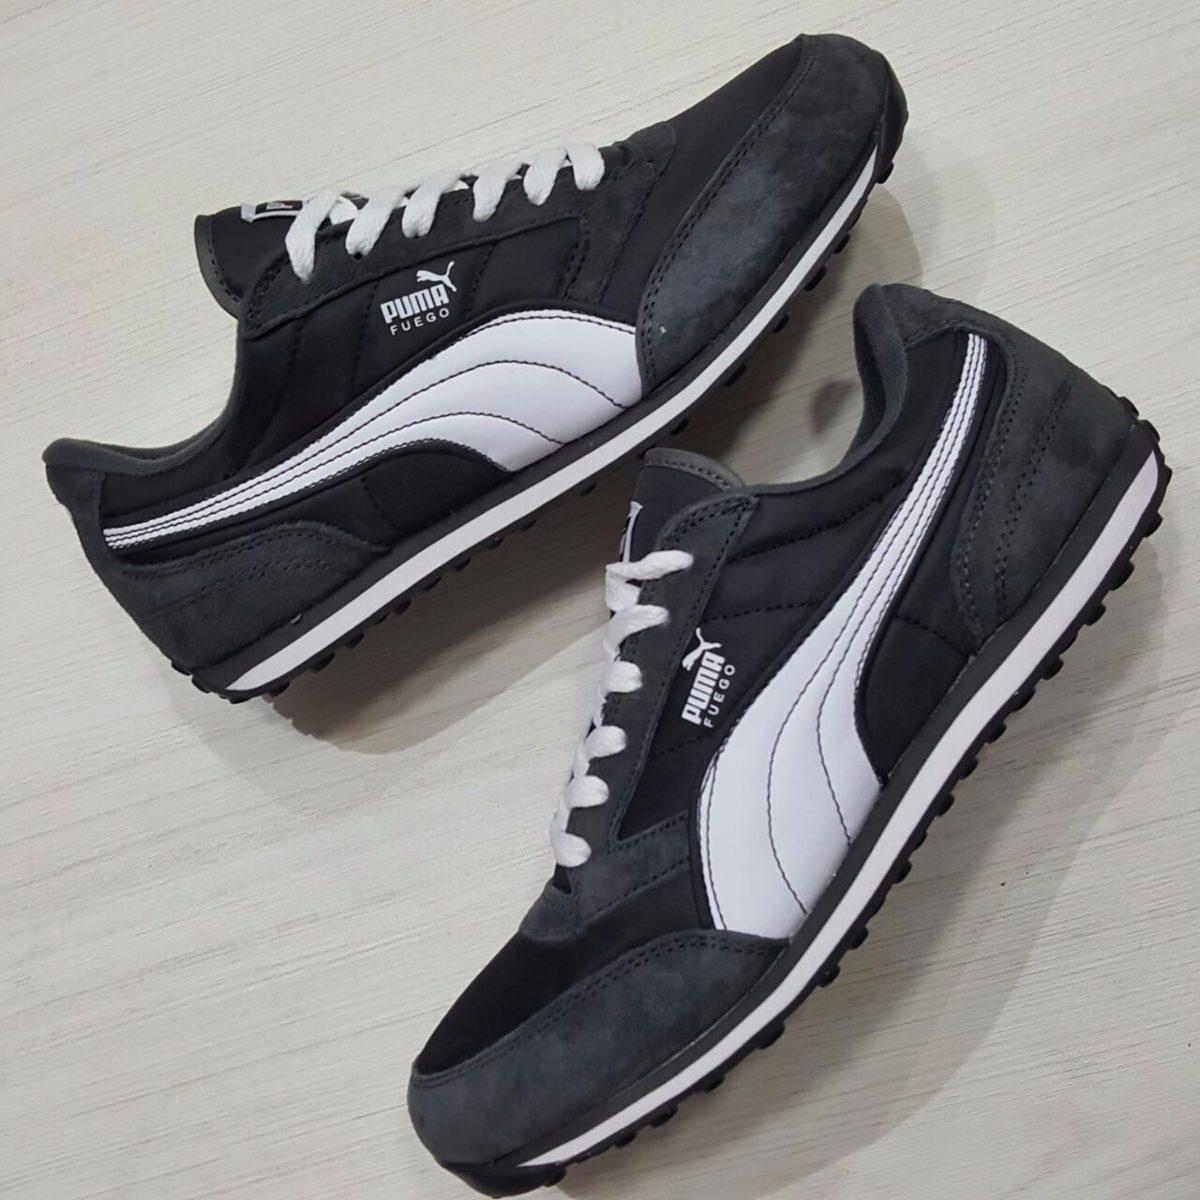 puma zapatos